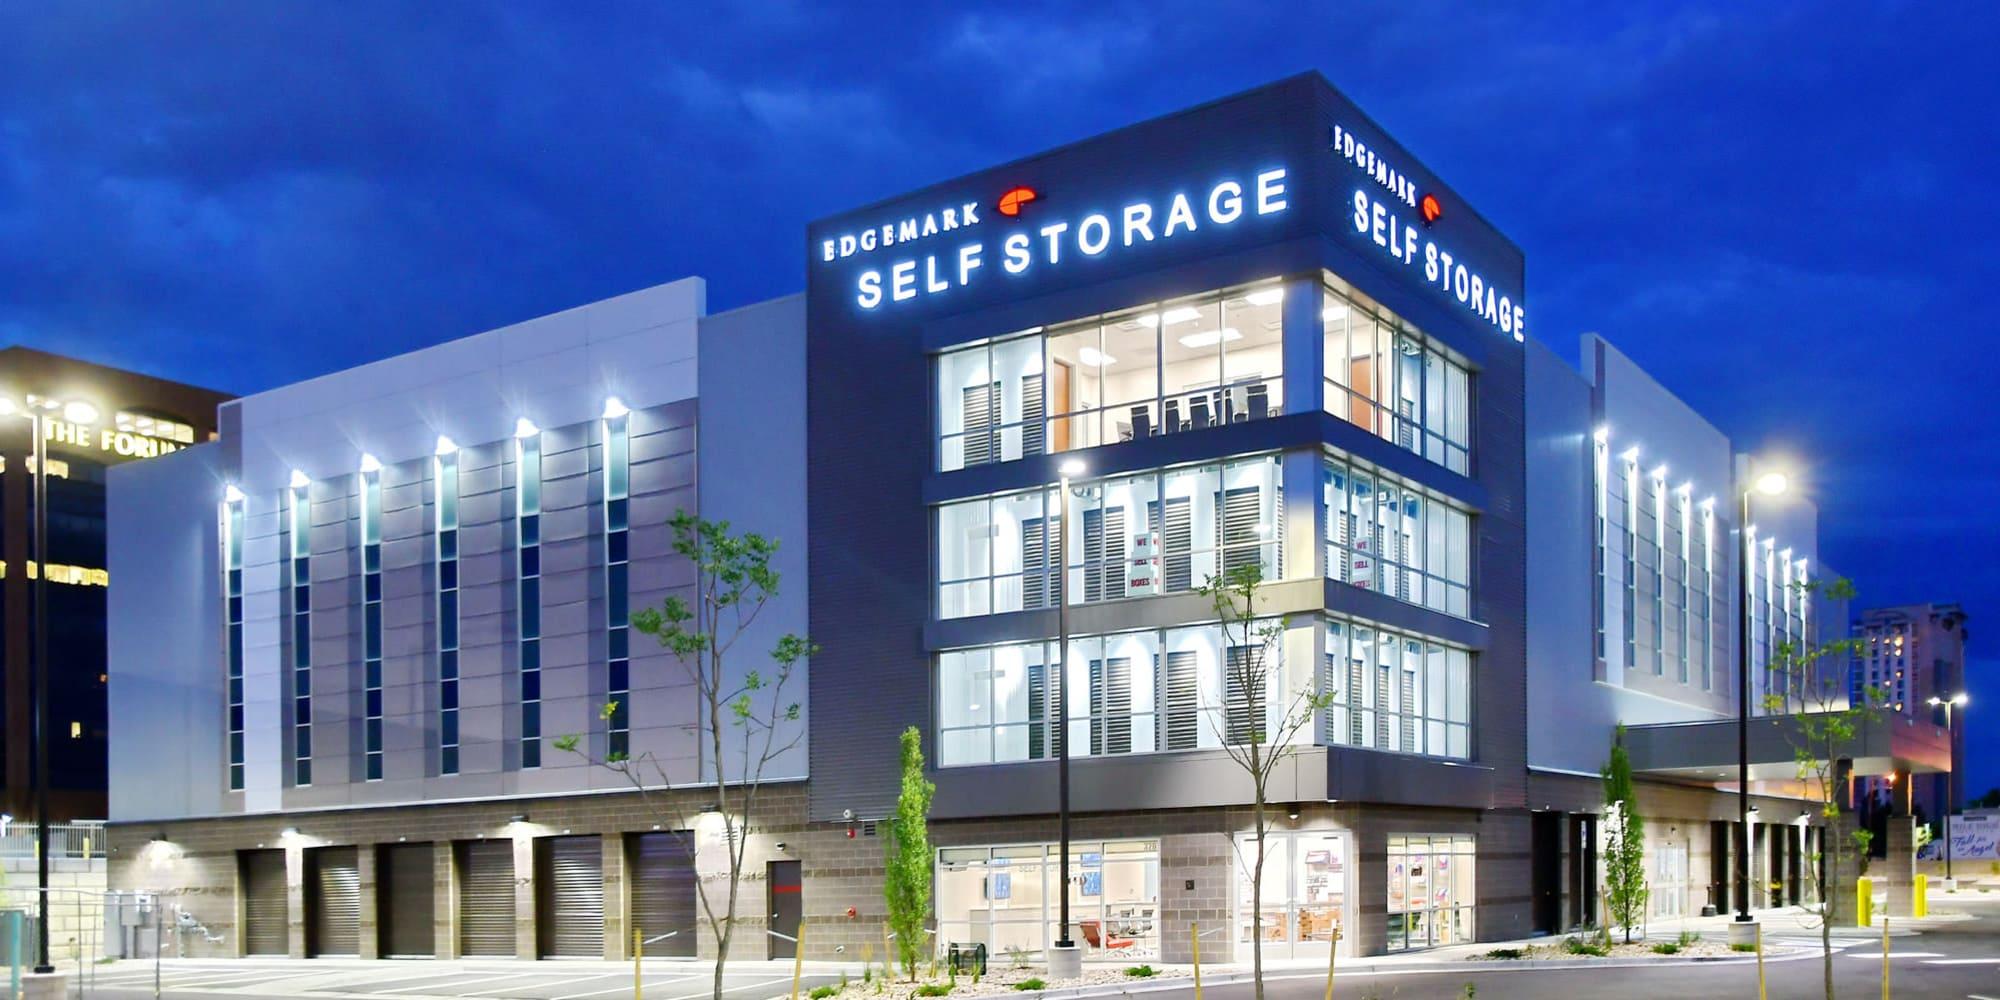 Self storage in Glendale, CO